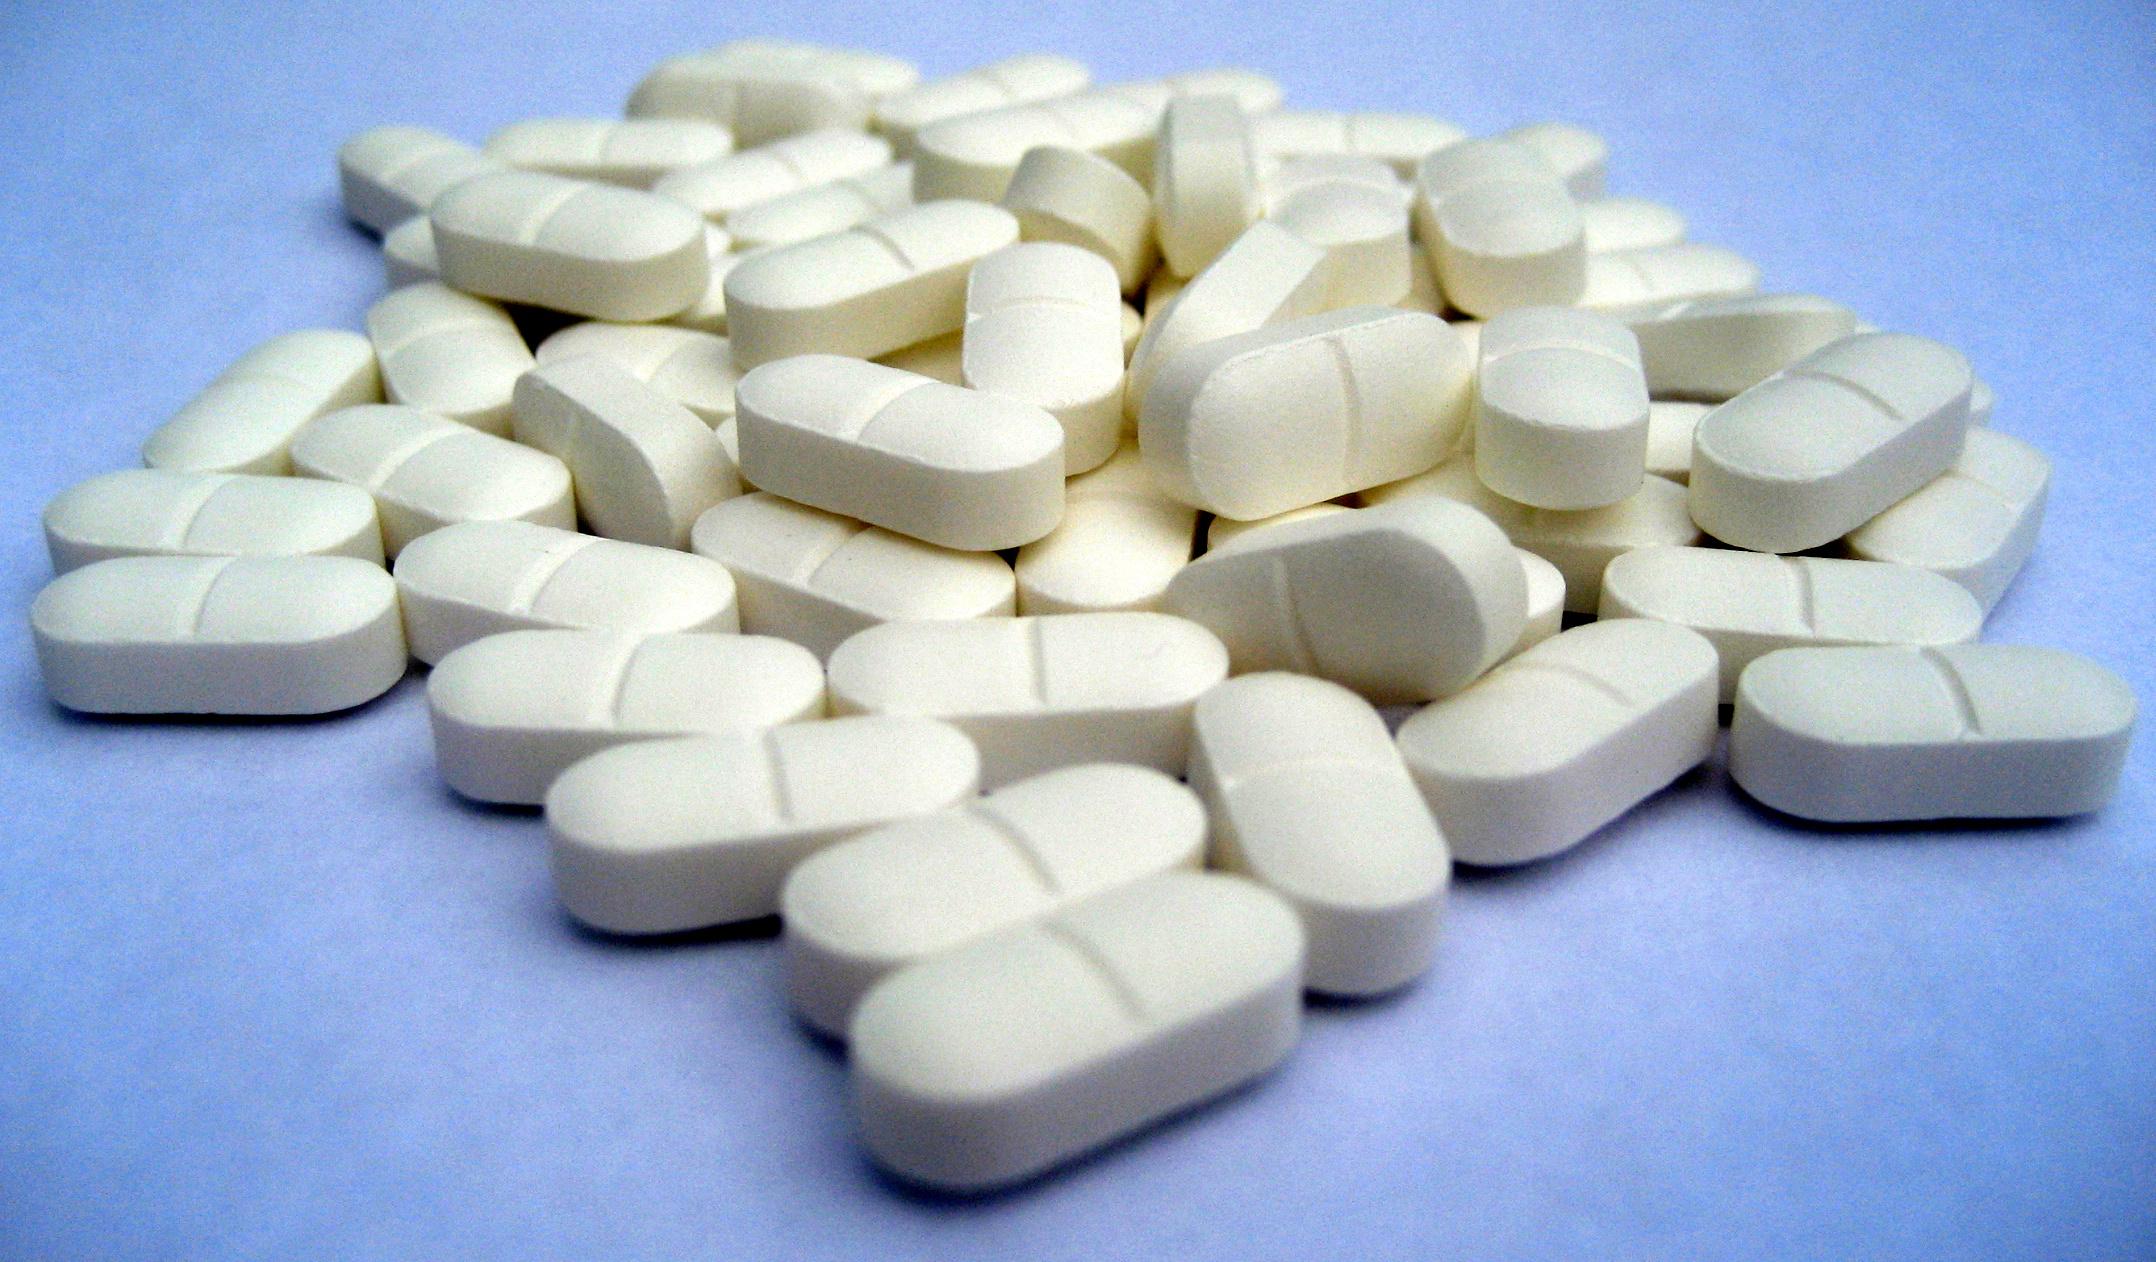 El ibuprofeno en altas dosis eleva el riesgo cardiovascular